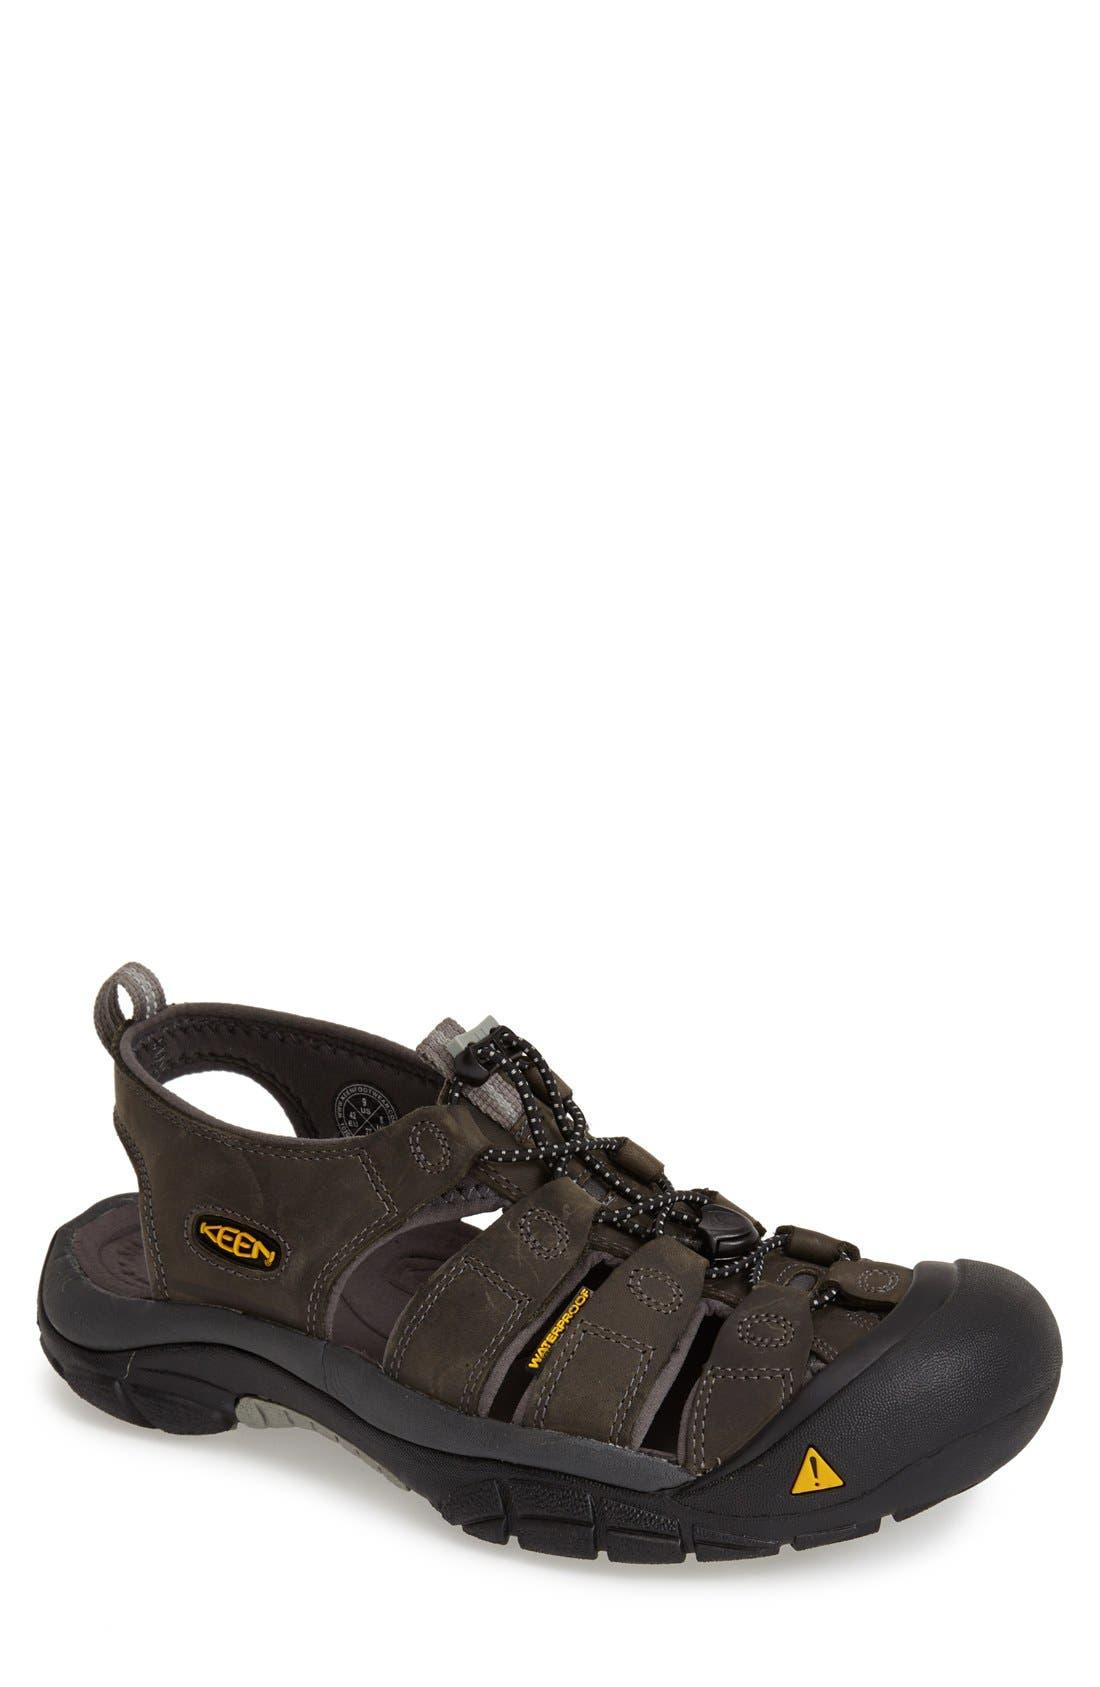 Alternate Image 1 Selected - Keen 'Newport' Water Sandal (Men)